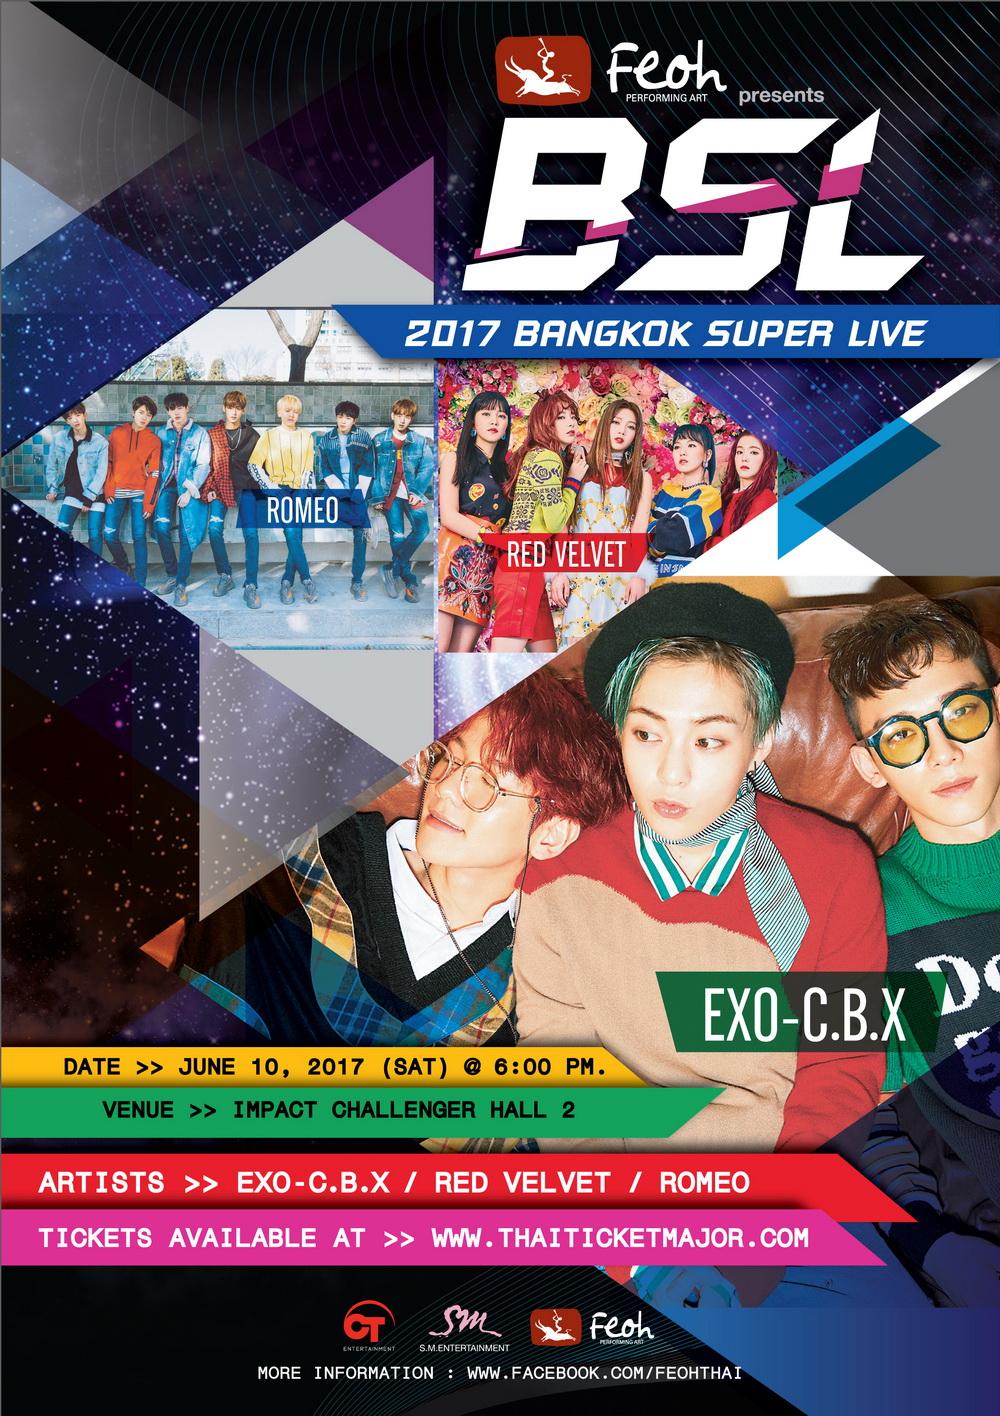 {Official Poster} Feoh Presents 2017 BANGKOK SUPER LIVE